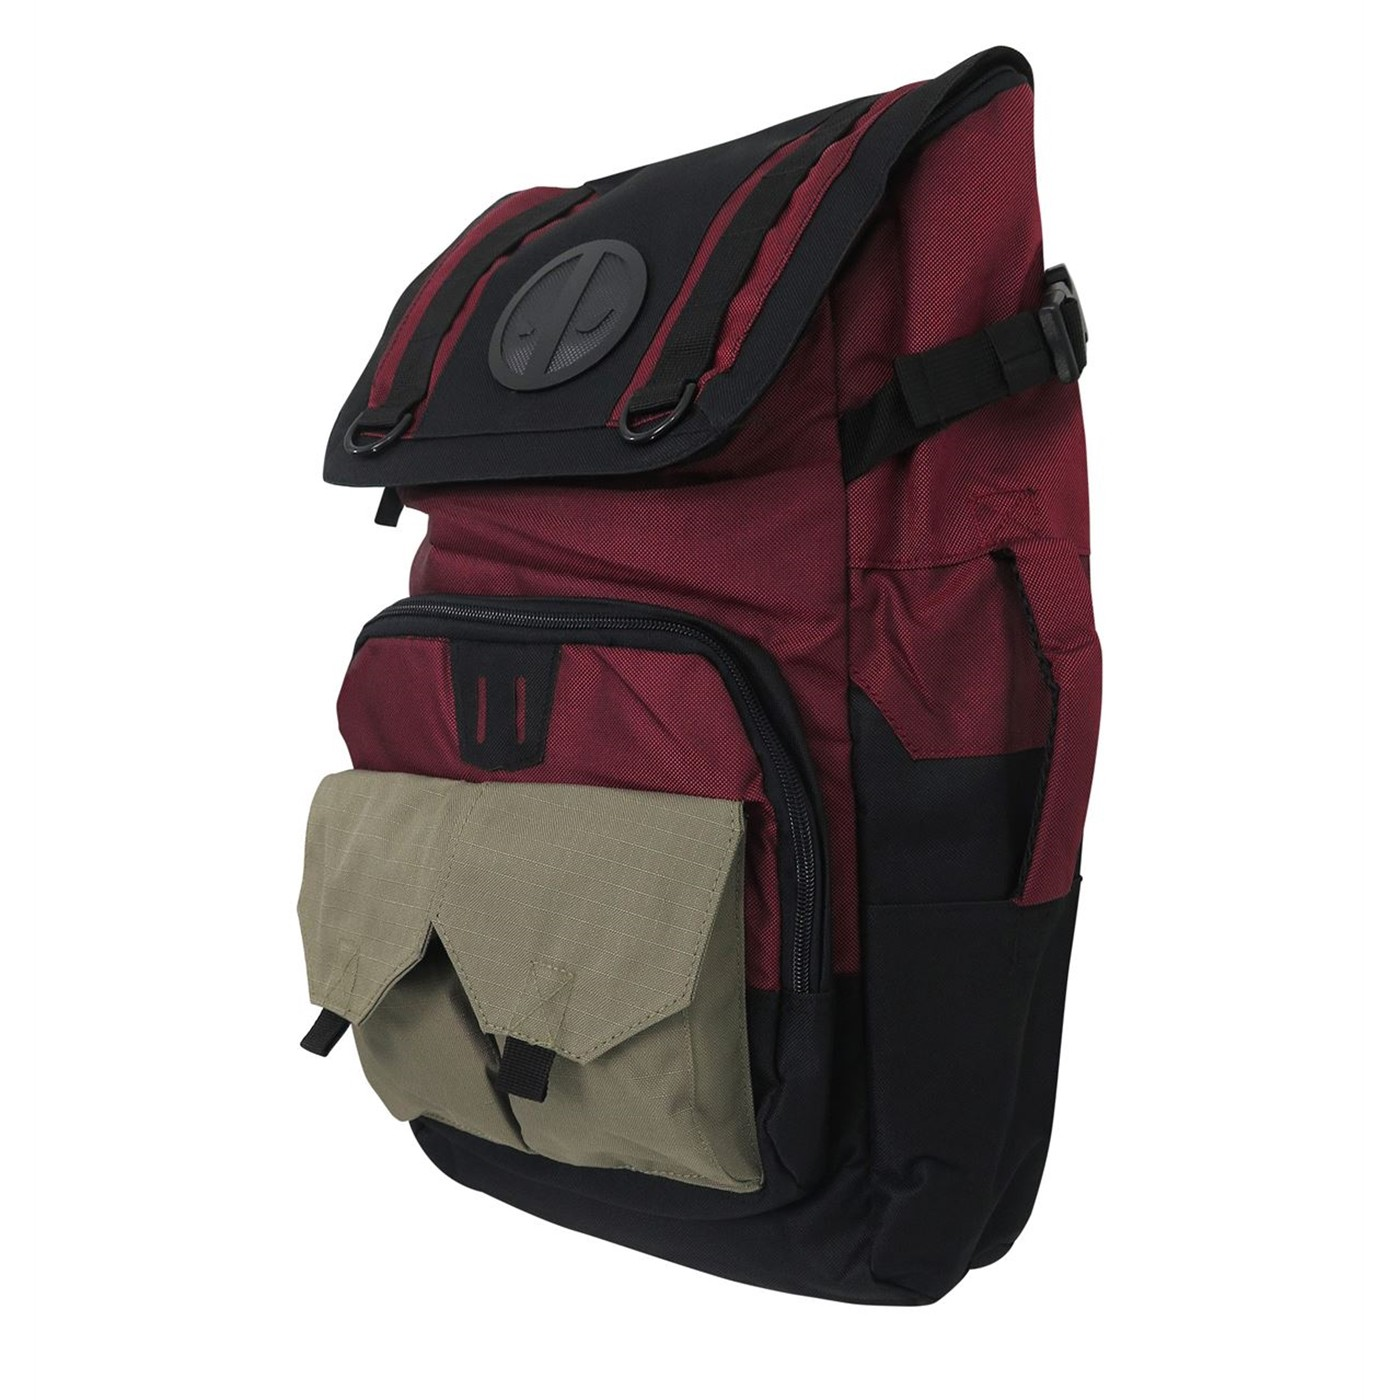 Deadpool Better Built Laptop Backpack